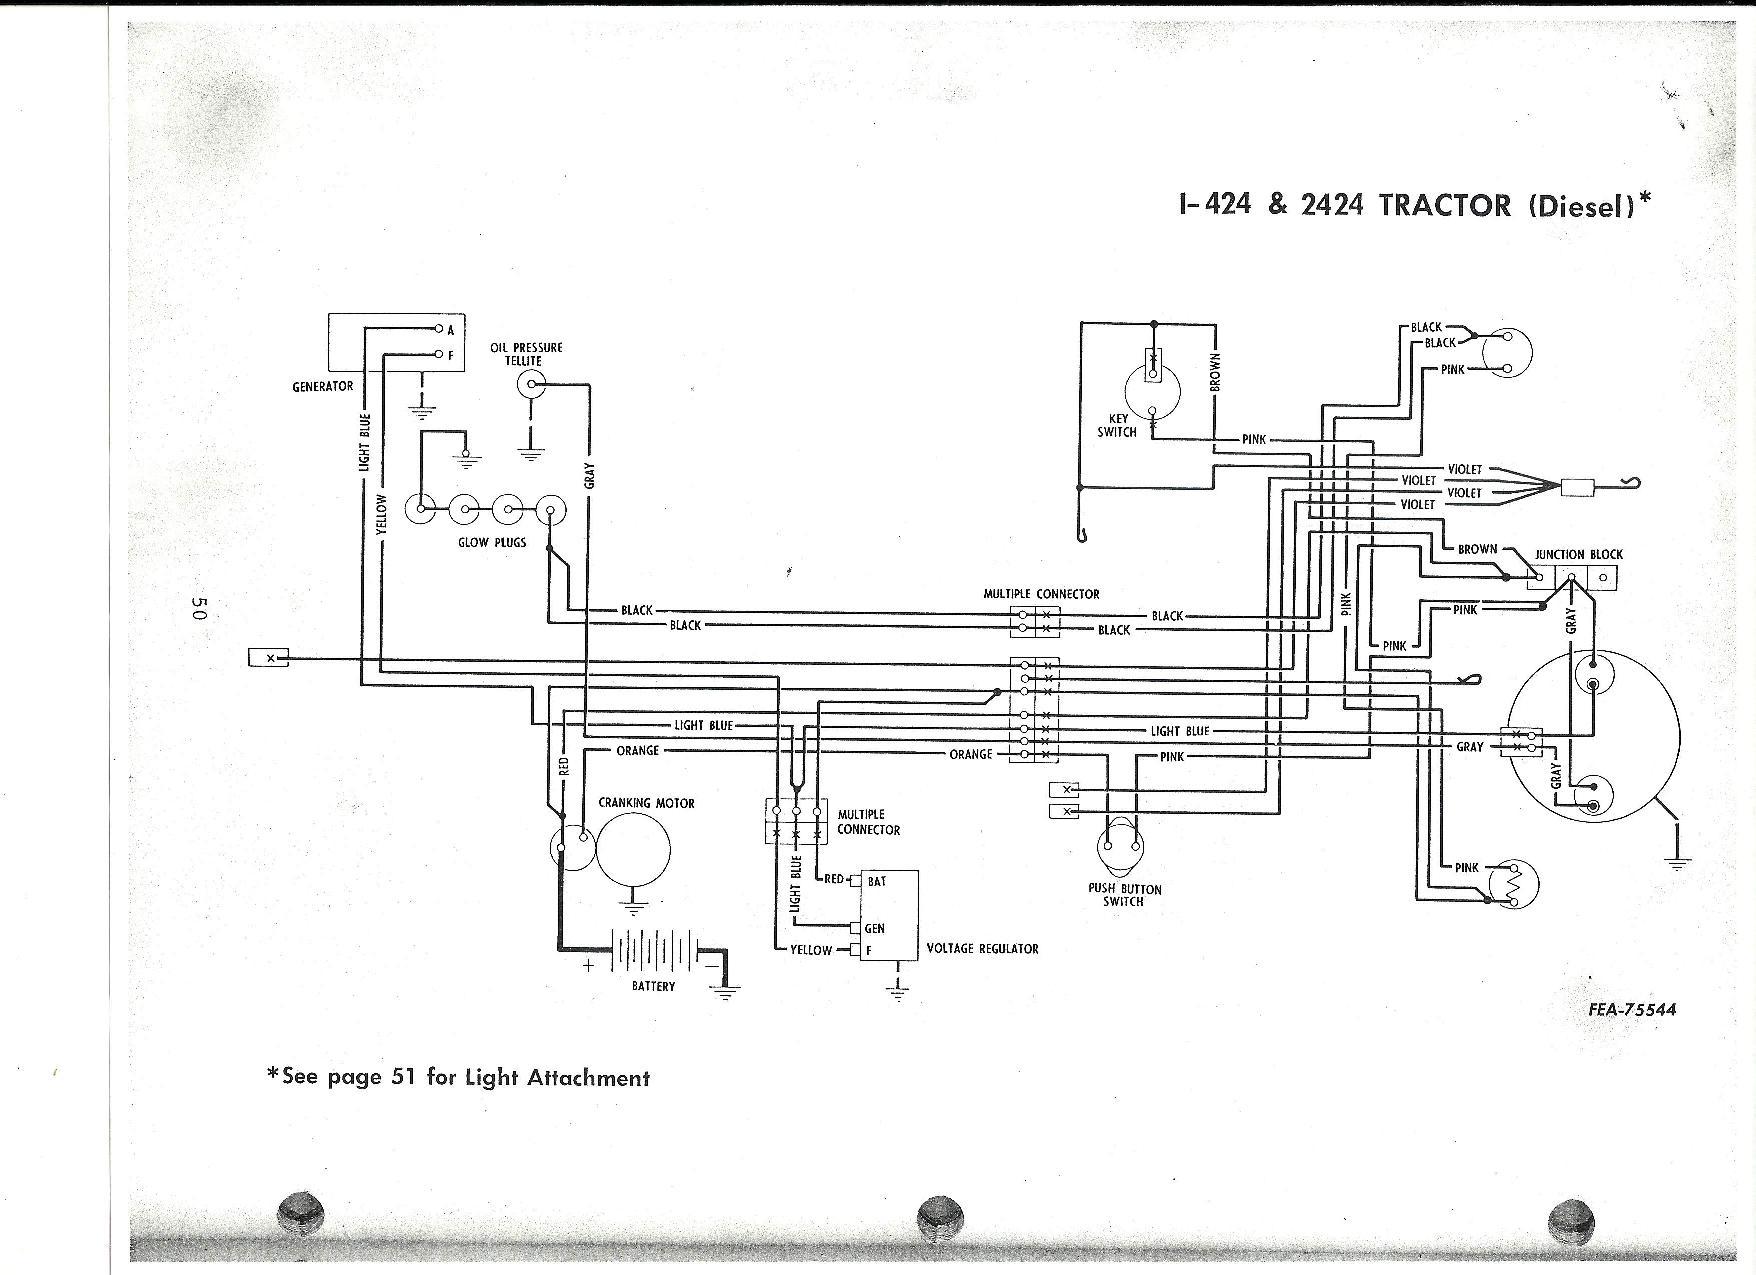 Ih 444 diesel wiring - General IH - Red Power Magazine CommunityRed Power Magazine